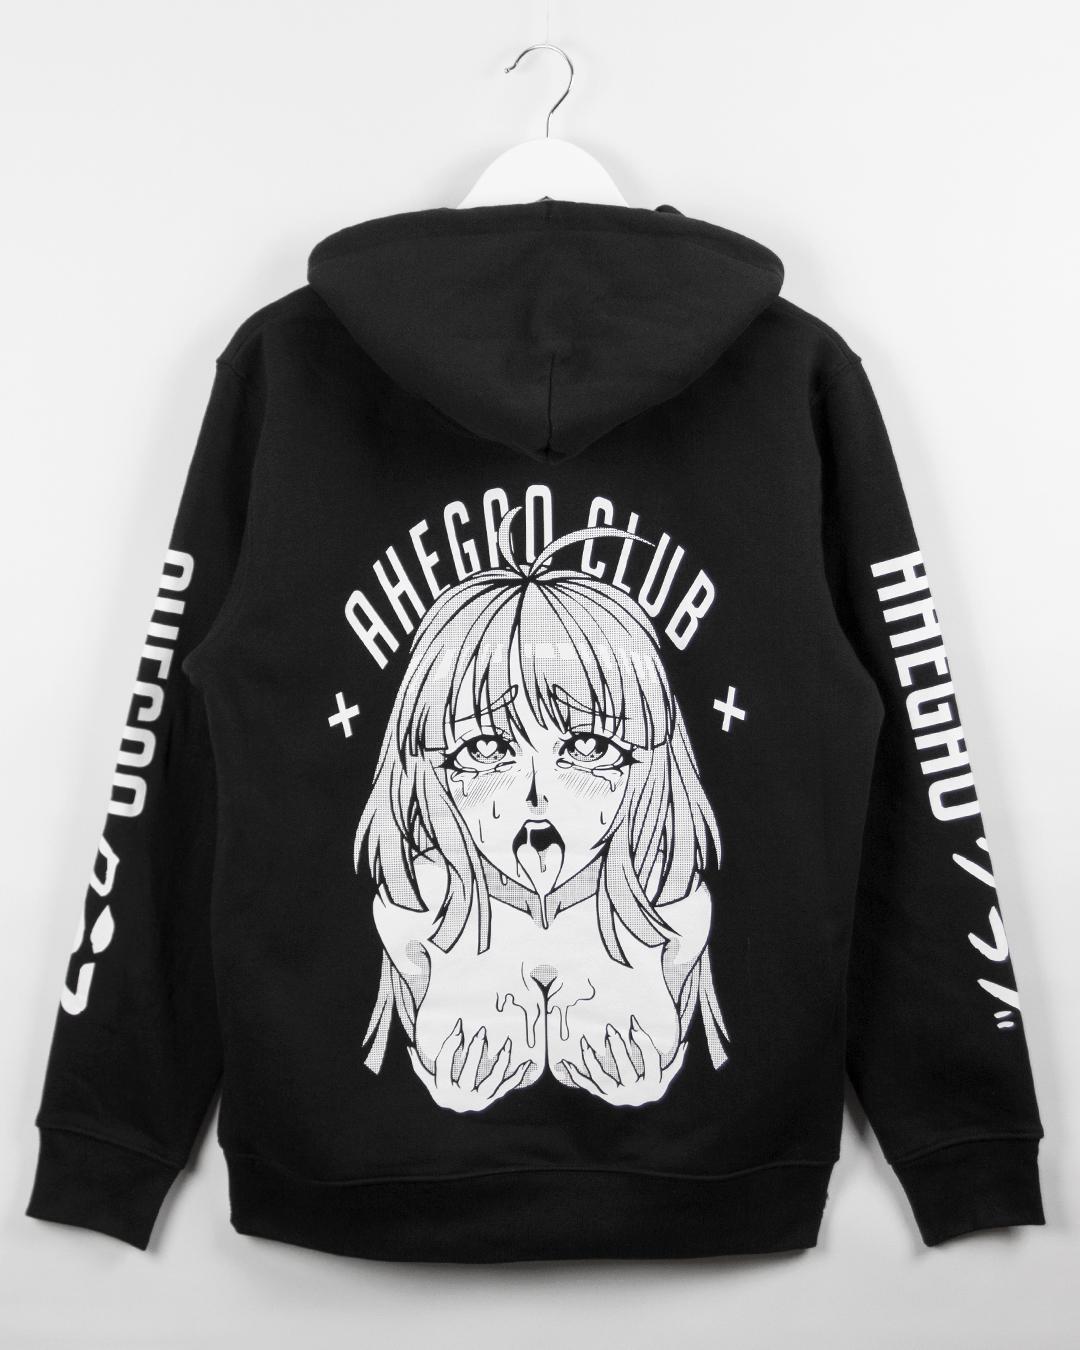 Ahaego ahegao club hoodie